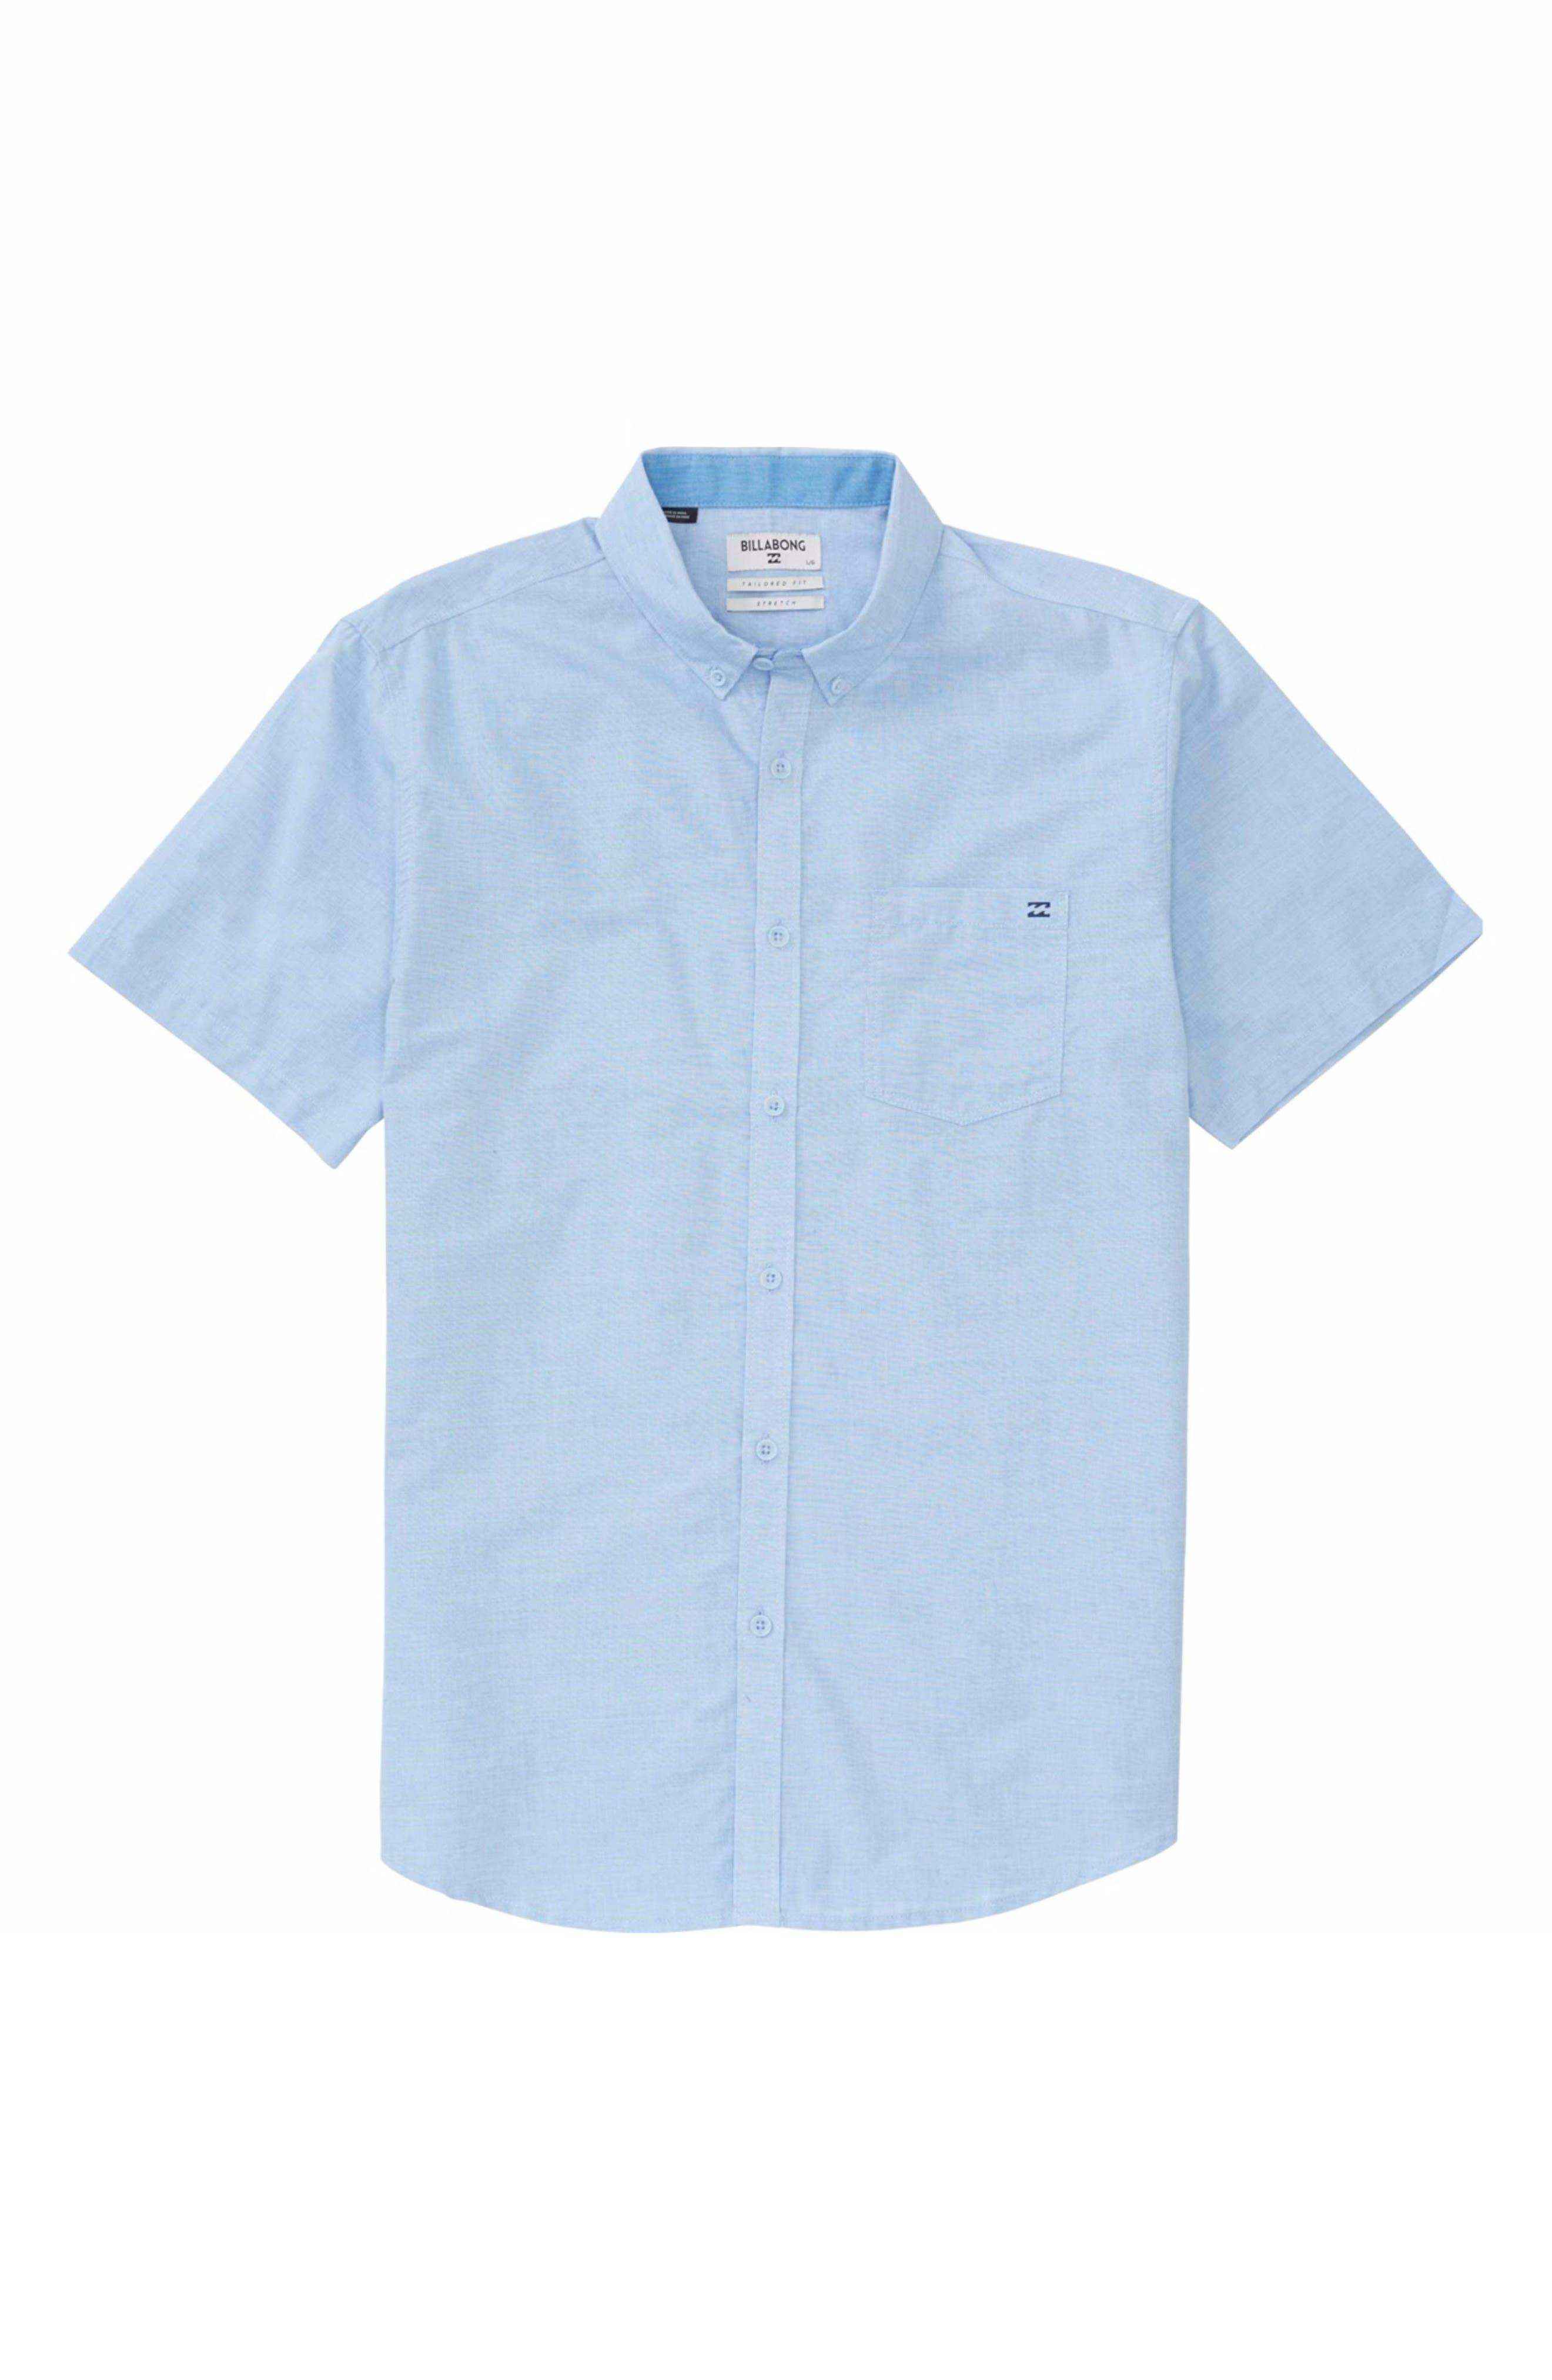 Alternate Image 1 Selected - Billabong All Day Chambray Shirt (Big Boys)